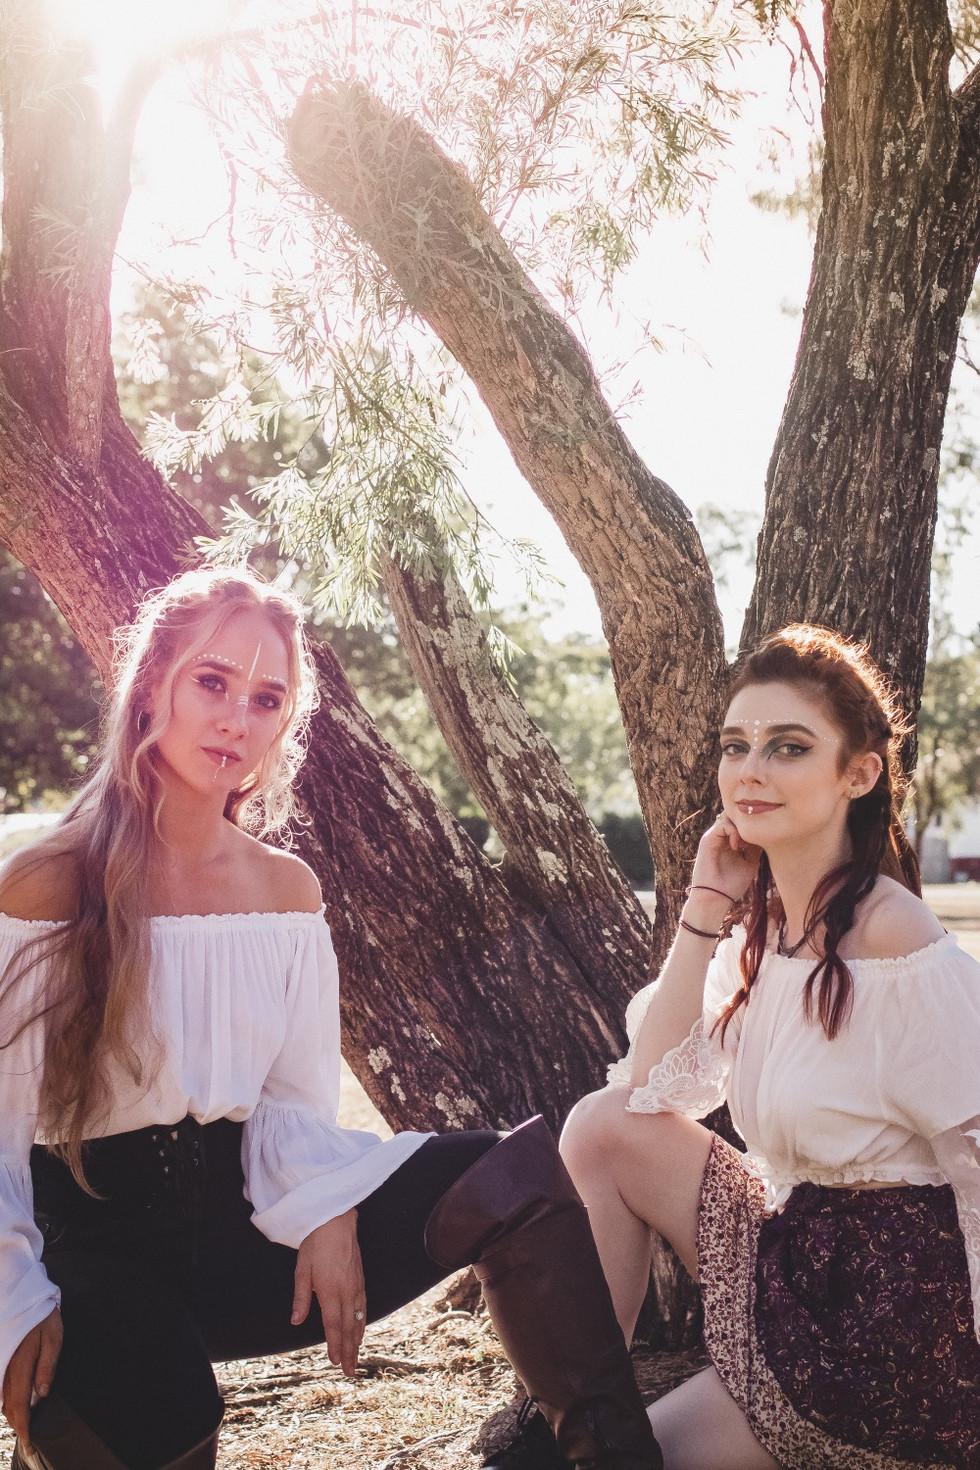 Britt + Danika